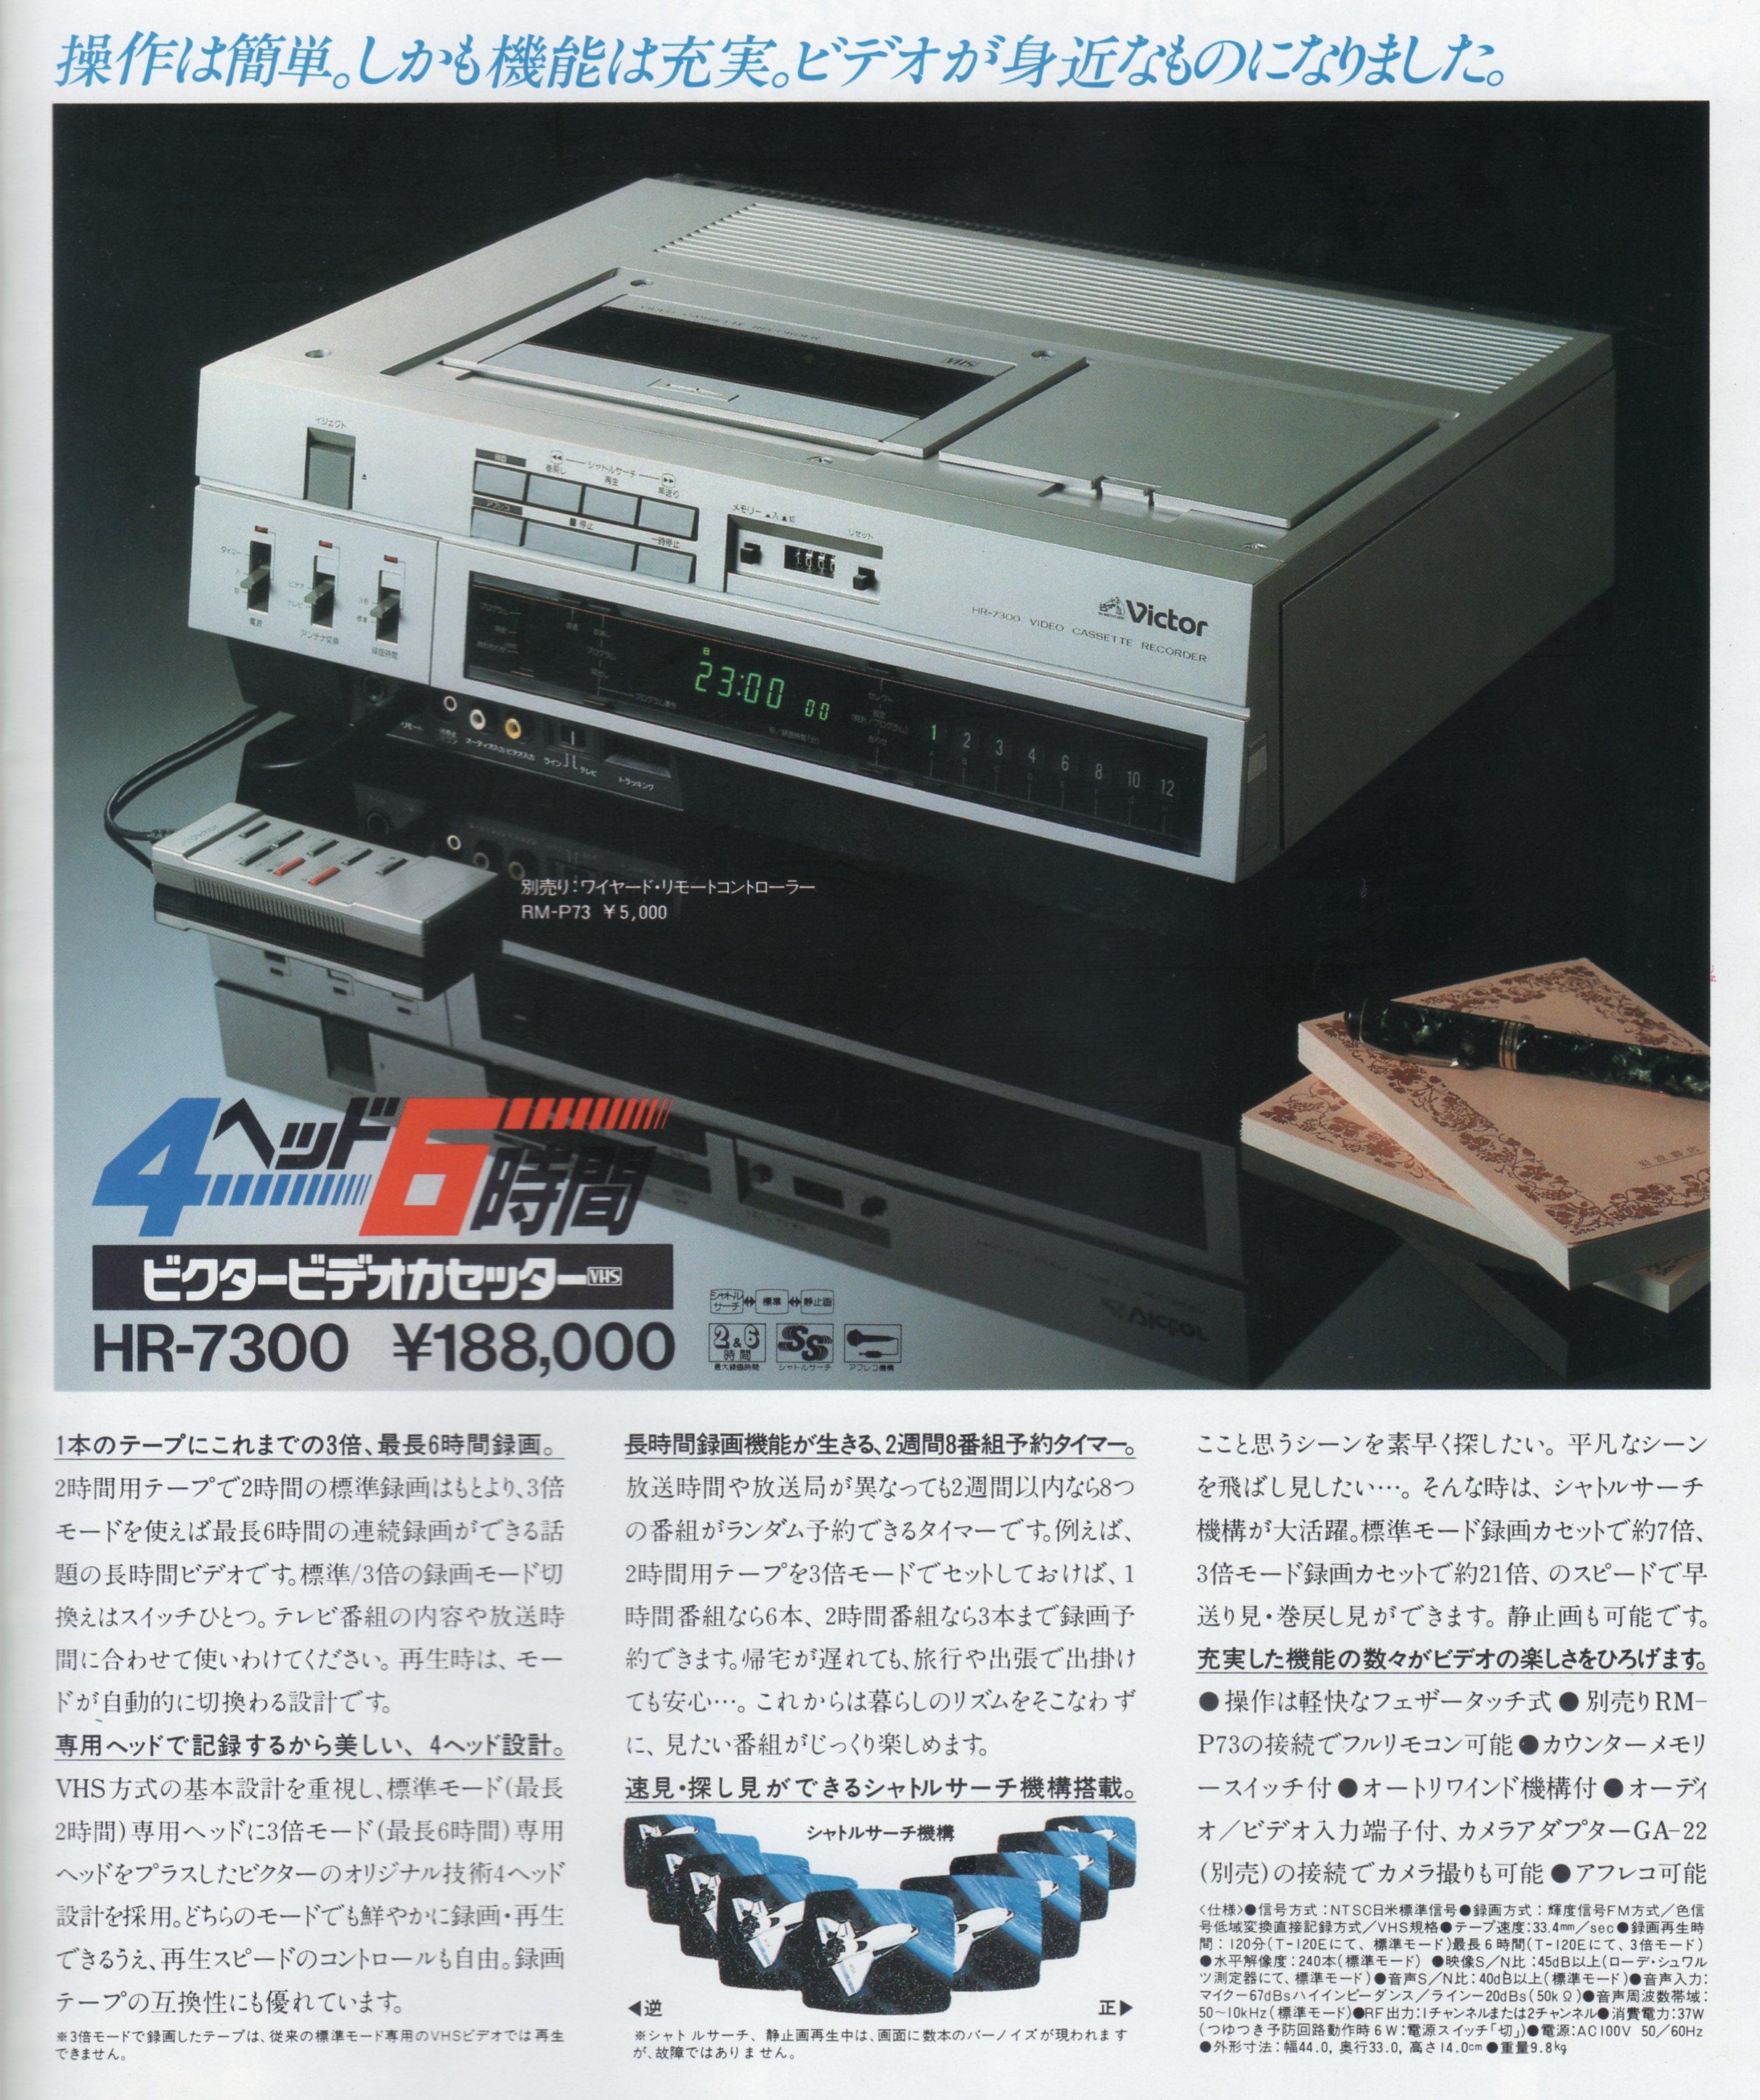 HR-7300 カタログより